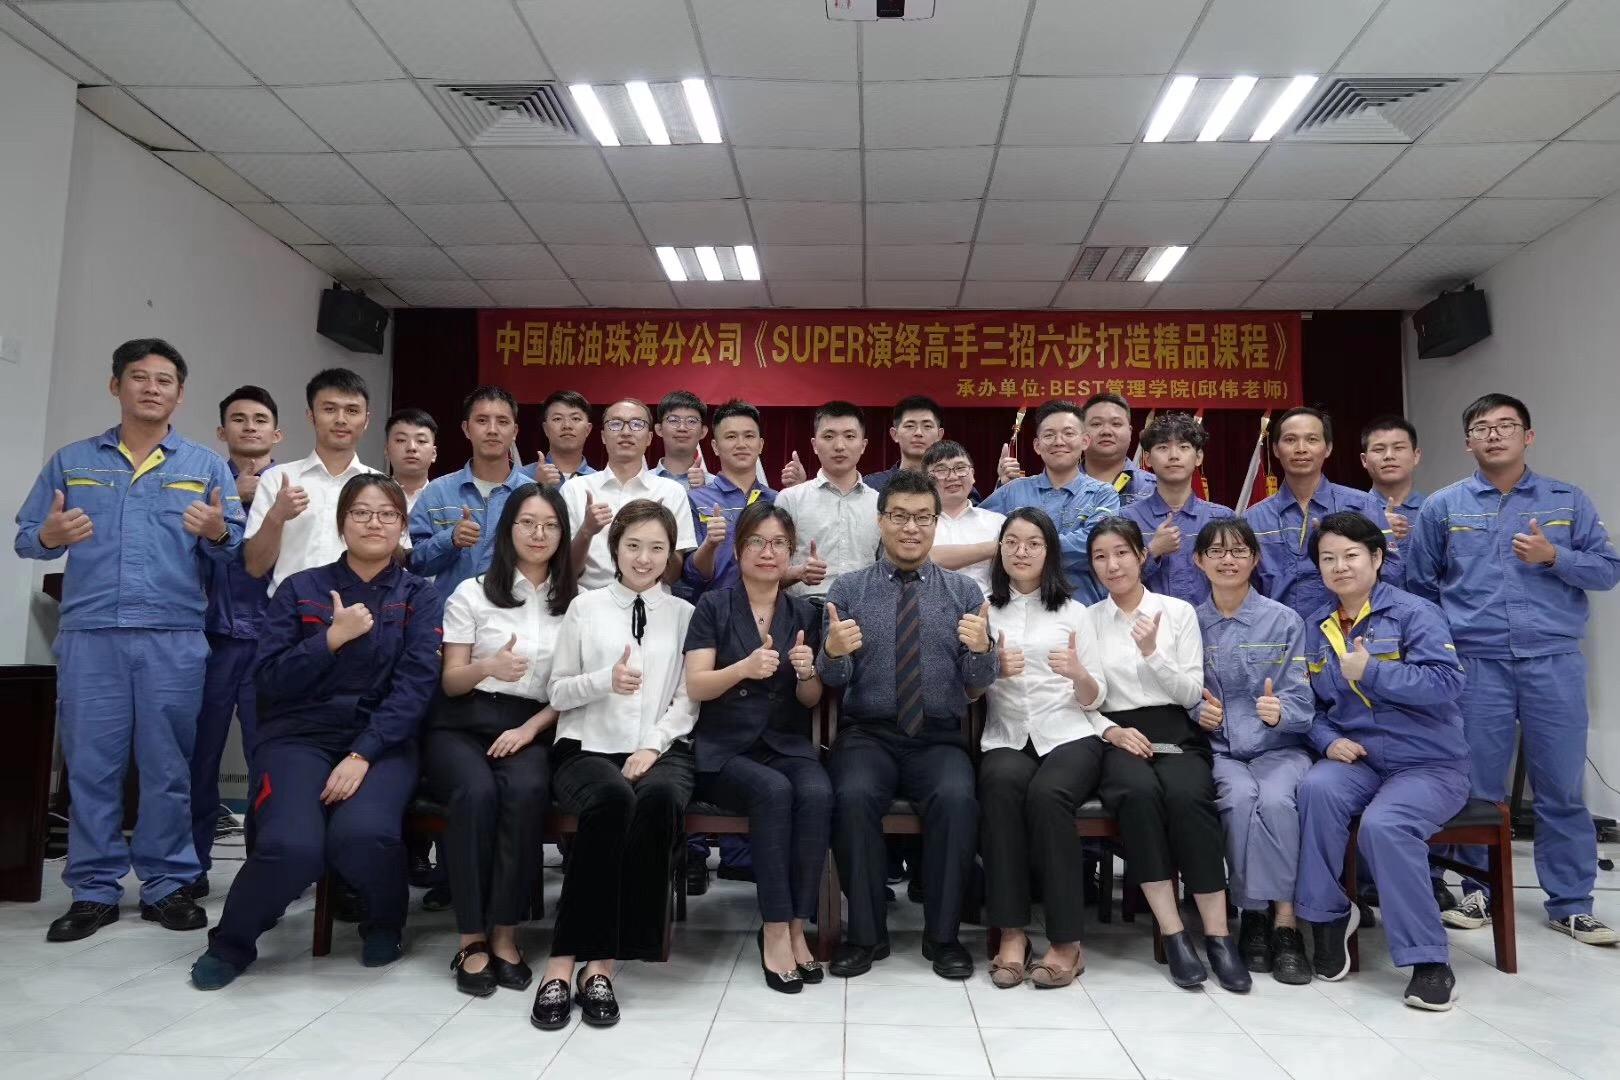 中国航油珠海公司《SUPER演绎高手》 培训师邱伟